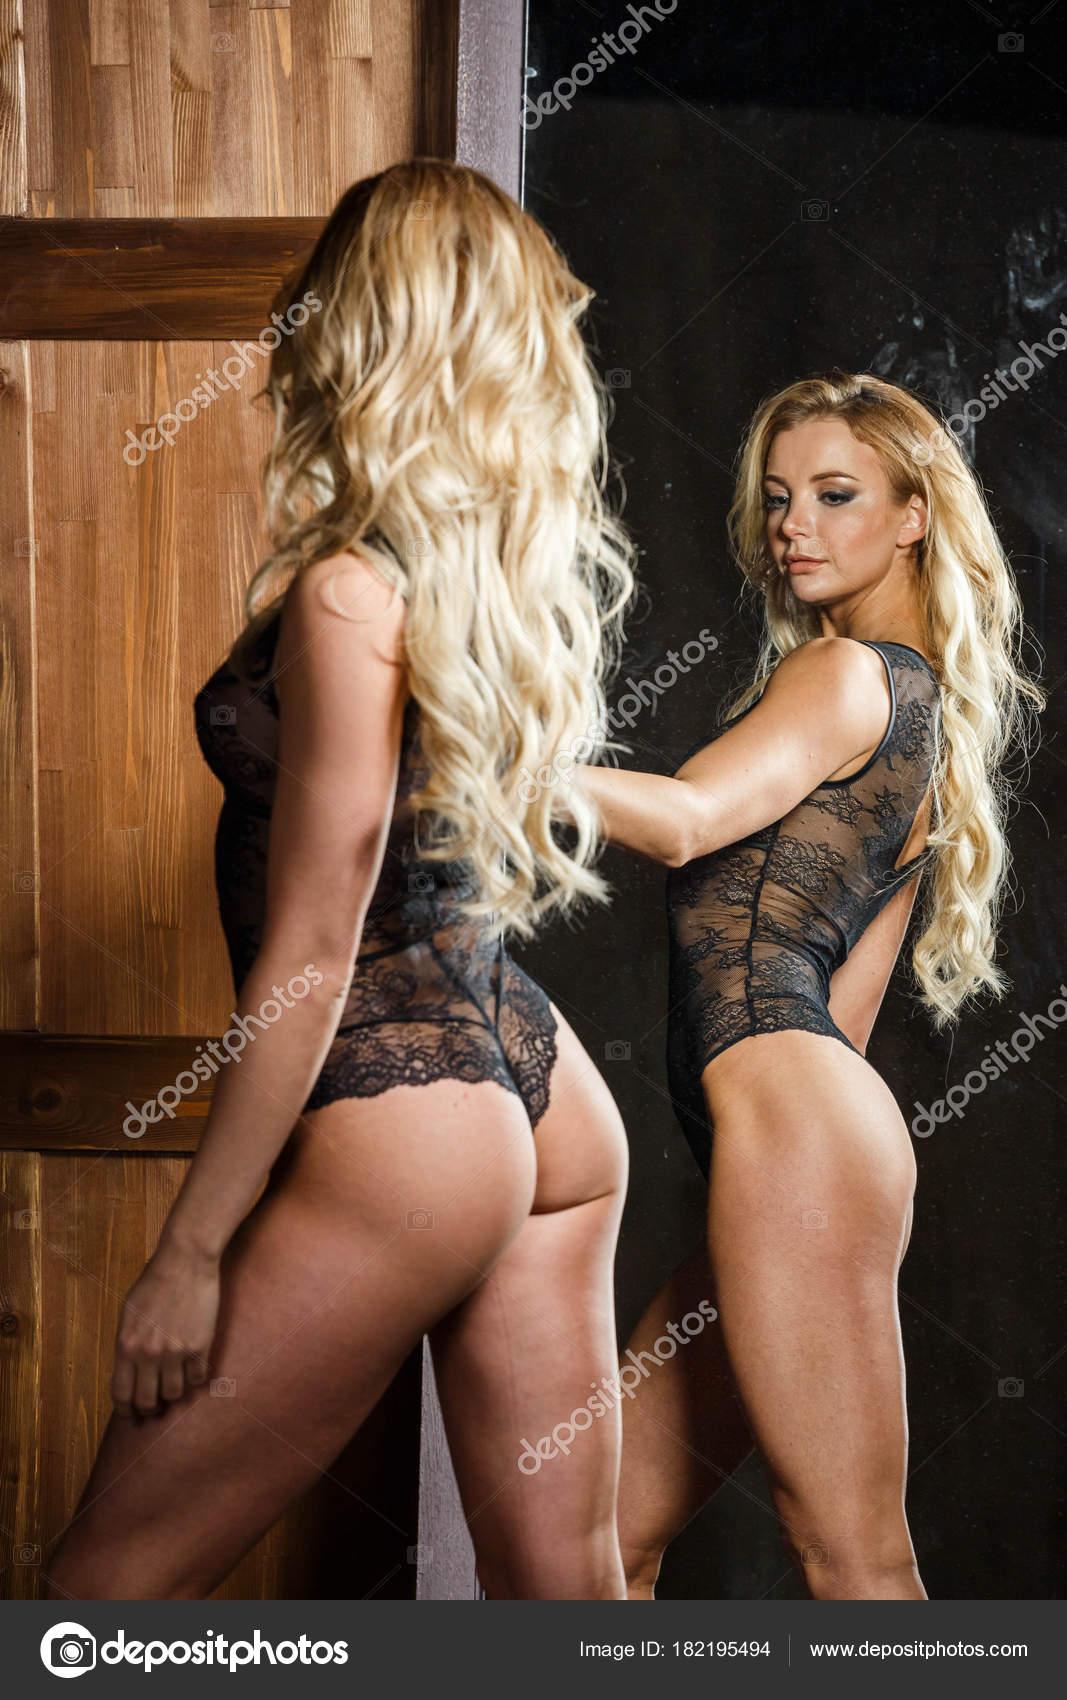 μαύρο σε ξανθιές σεξ φωτογραφίεςροζ μουνί και μαύρο κρουνός